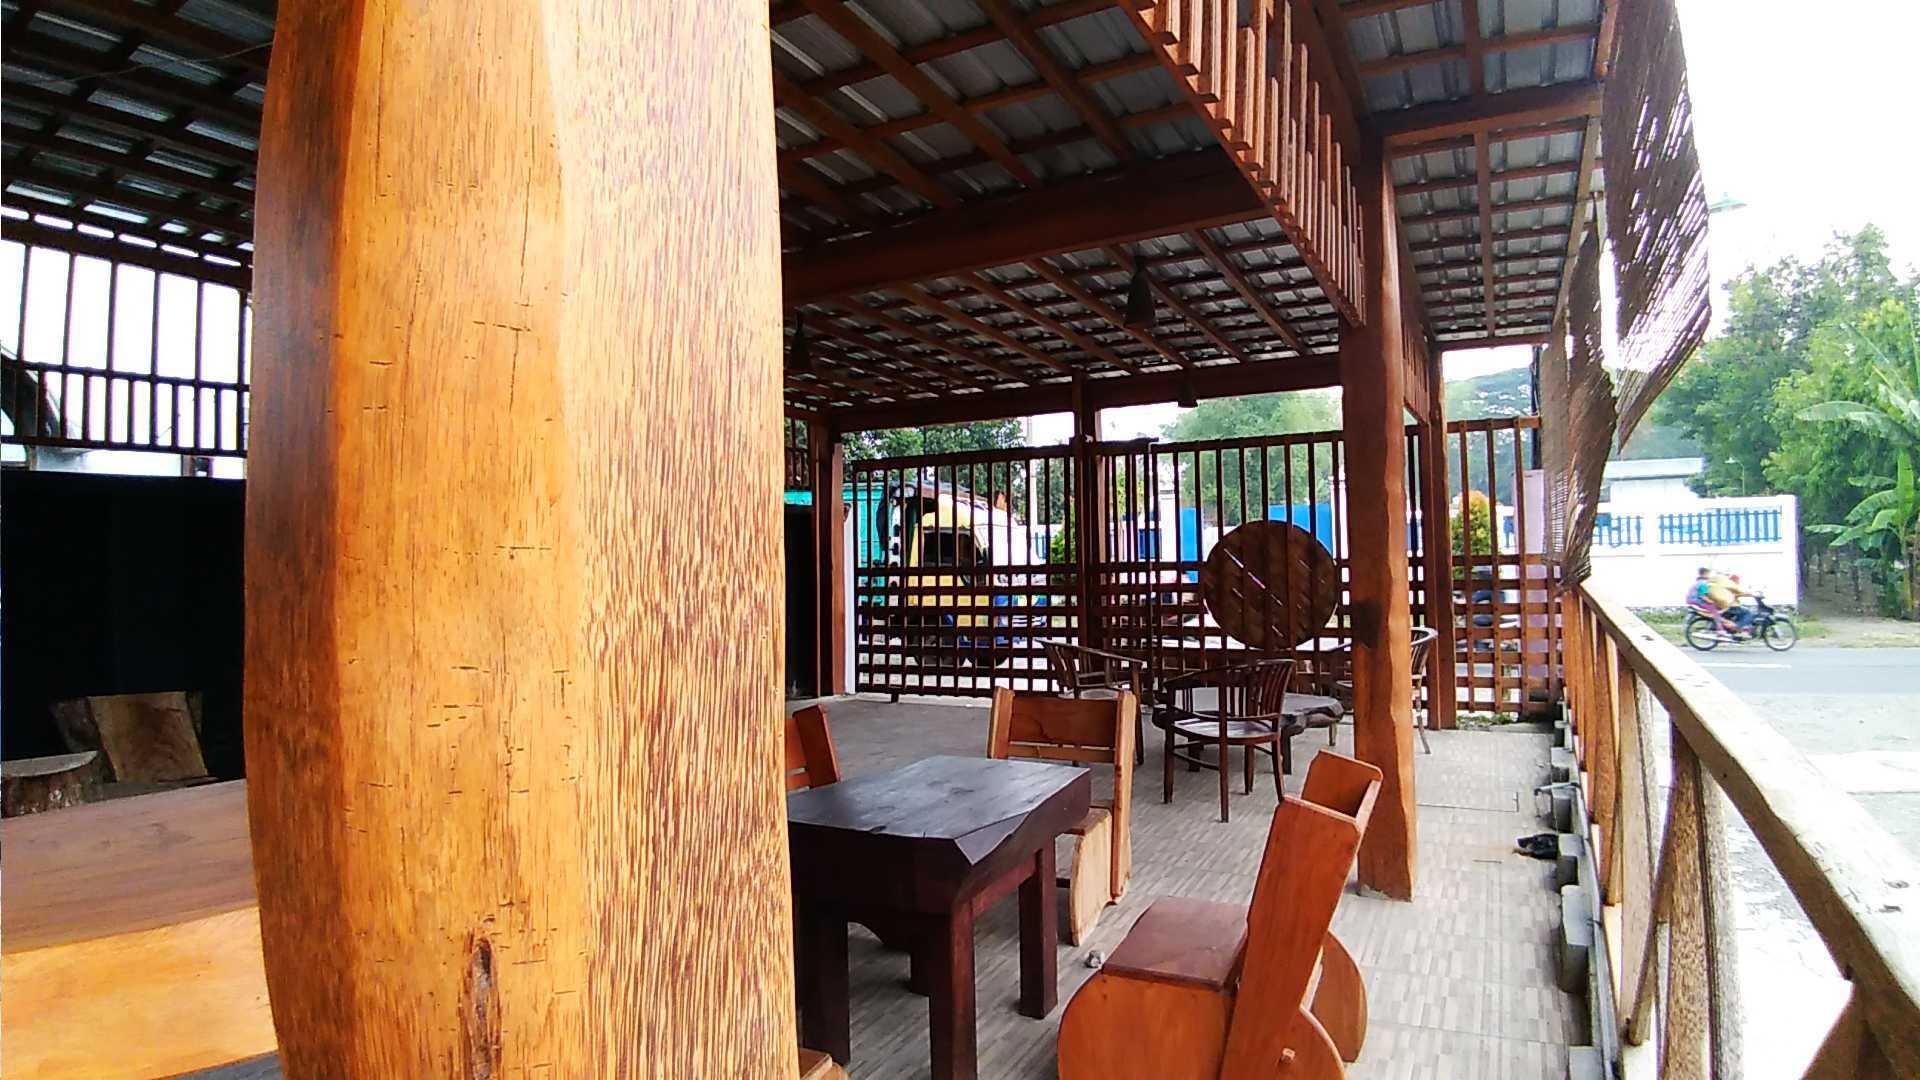 Aditya Yuni Prasetya Bakso Tiga Berlian Kediri, Jawa Timur, Indonesia Kediri, Jawa Timur, Indonesia Aditya-Yuni-Prasetya-Bakso-Tiga-Berlian   64302